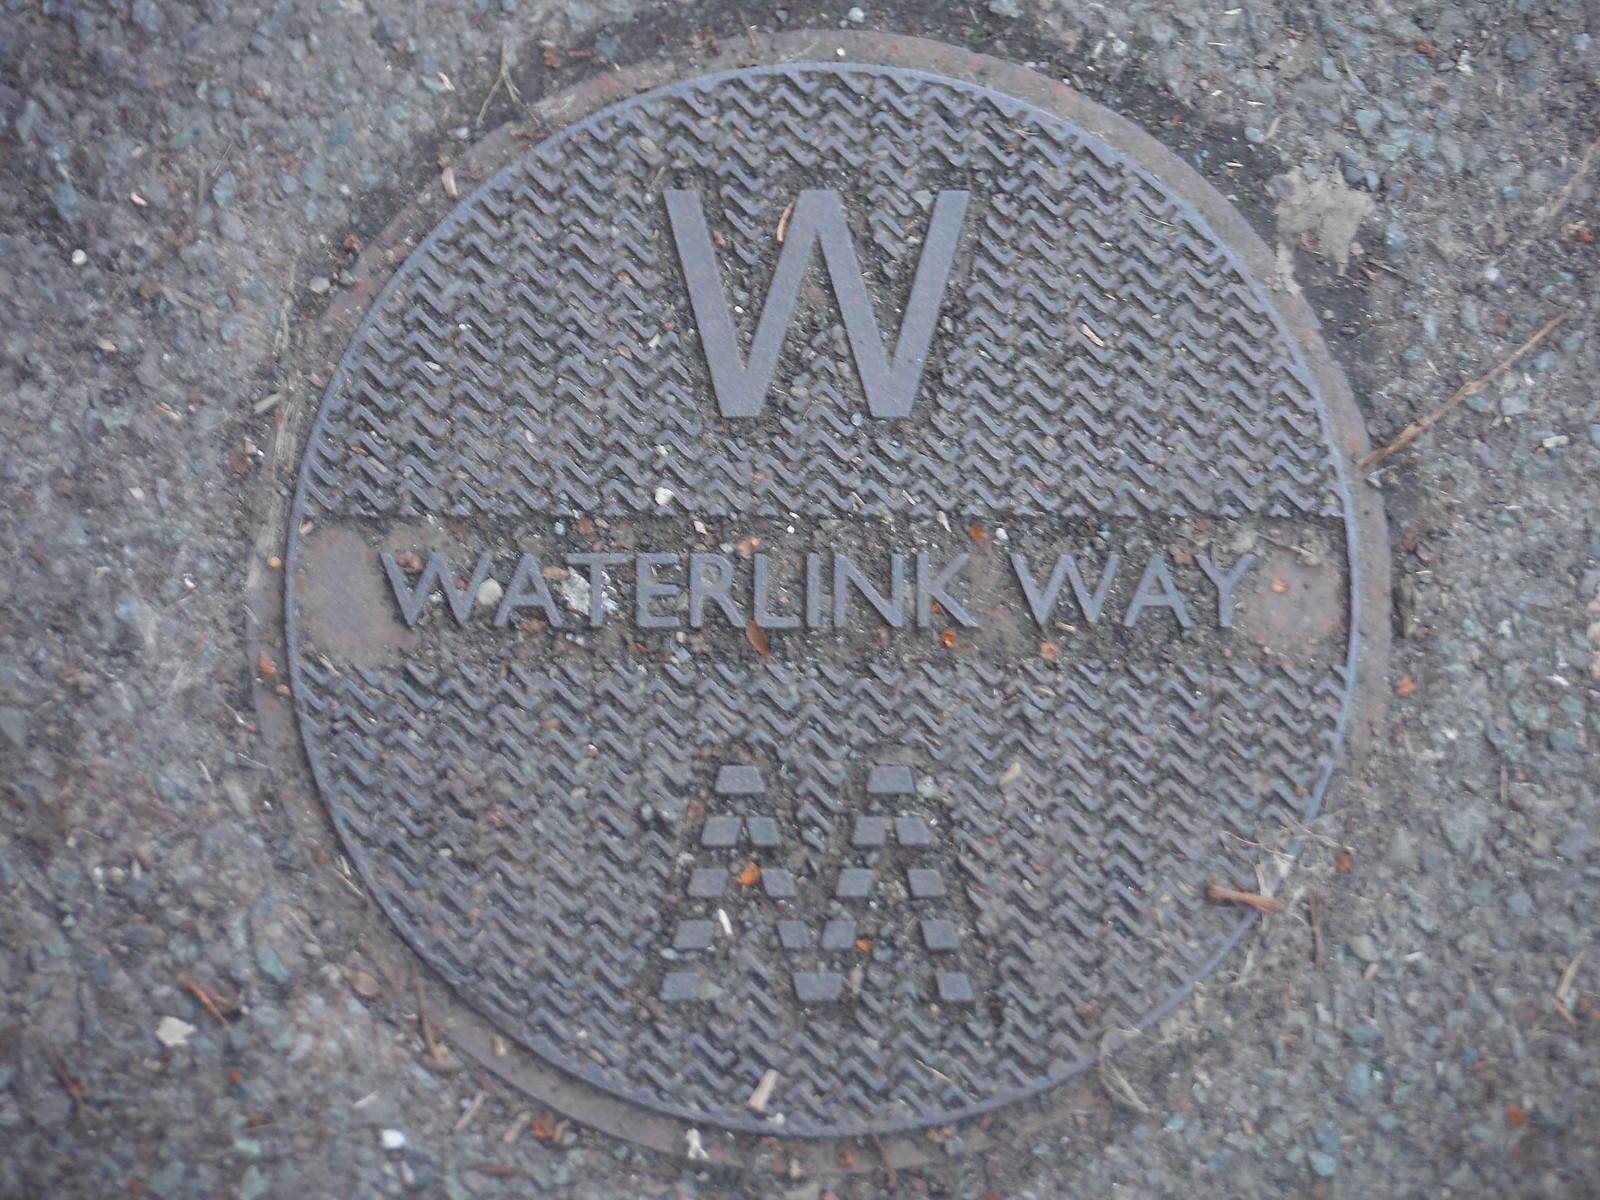 Waterlink Way Waymarker Disc SWC Short Walk 36 - Waterlink Way (Lower Sydenham to Greenwich)